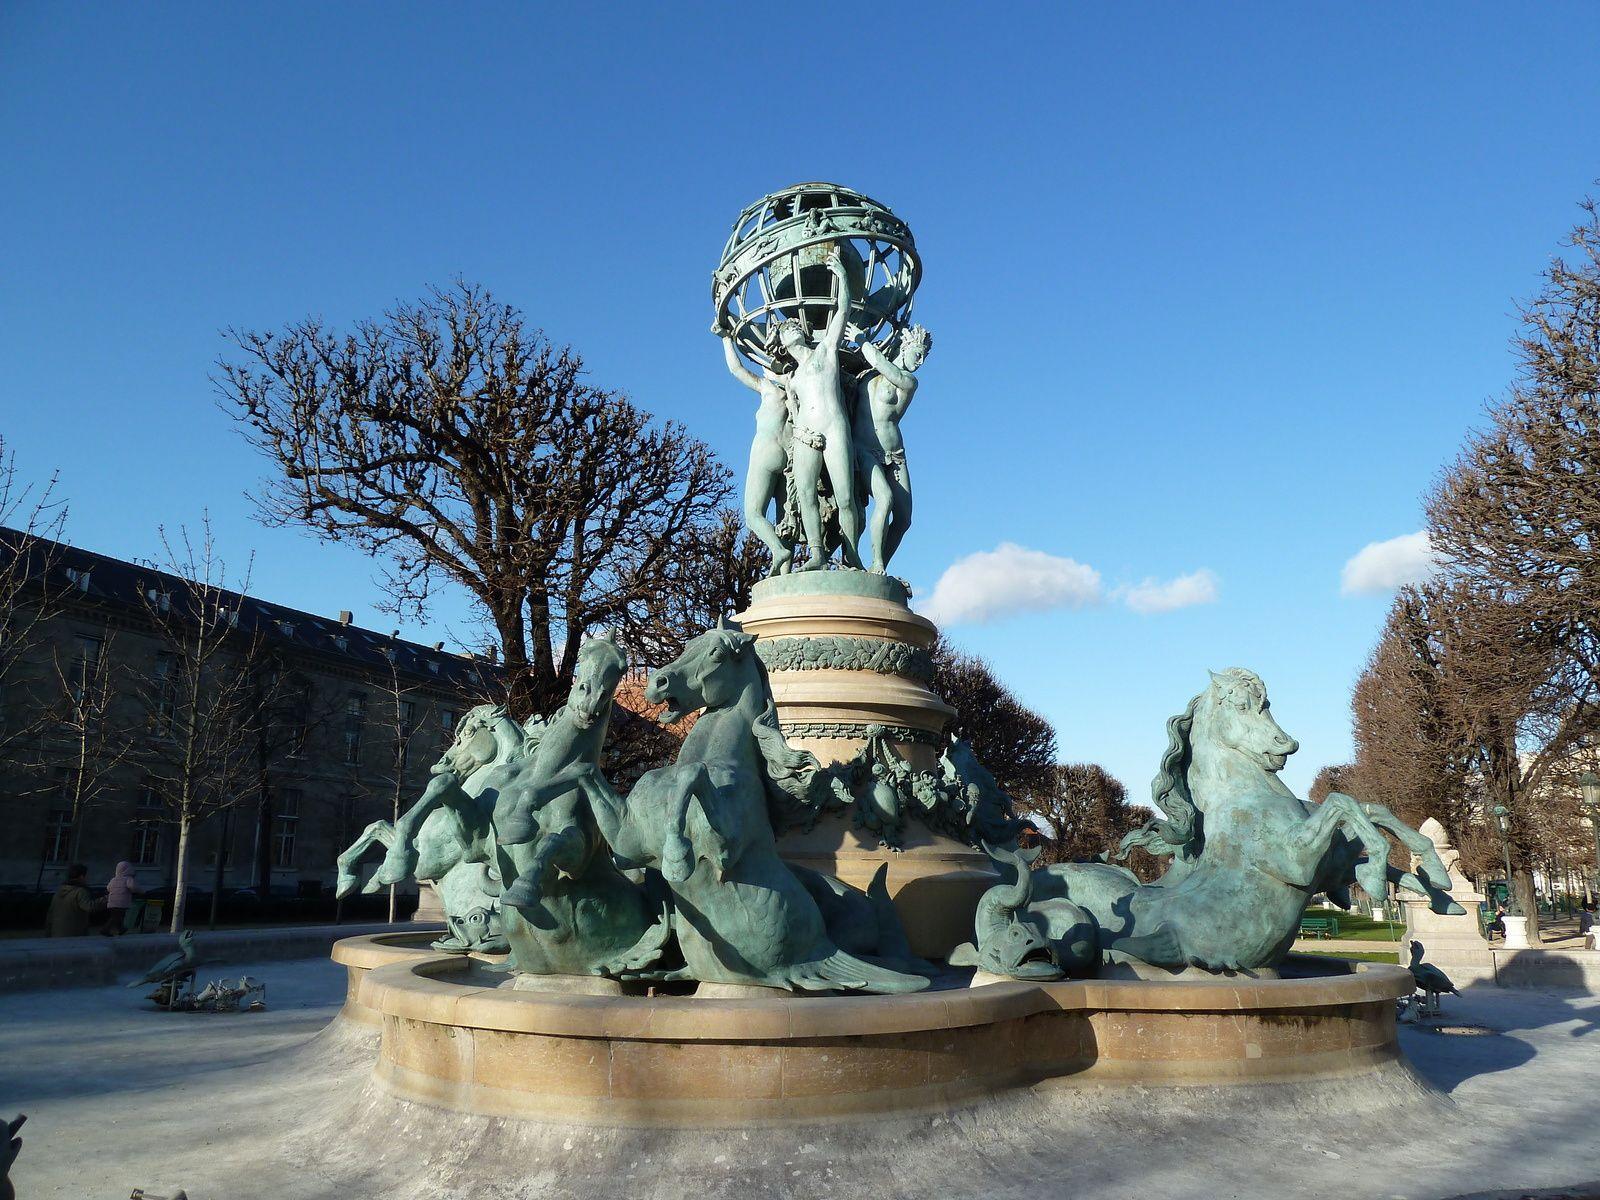 Après notre pause, nous avons continué notre promenade par les jardins de l'Observatoire dont la principale attraction est la superbe Fontaine Carpeaux, appelée également Fontaine de l'Observatoire, construite entre 1867 et 1874, elle est une œuvre collective réalisée par plusieurs grands sculpteurs Français, dont Gabriel Davioud et Jean-Baptiste Carpeaux.